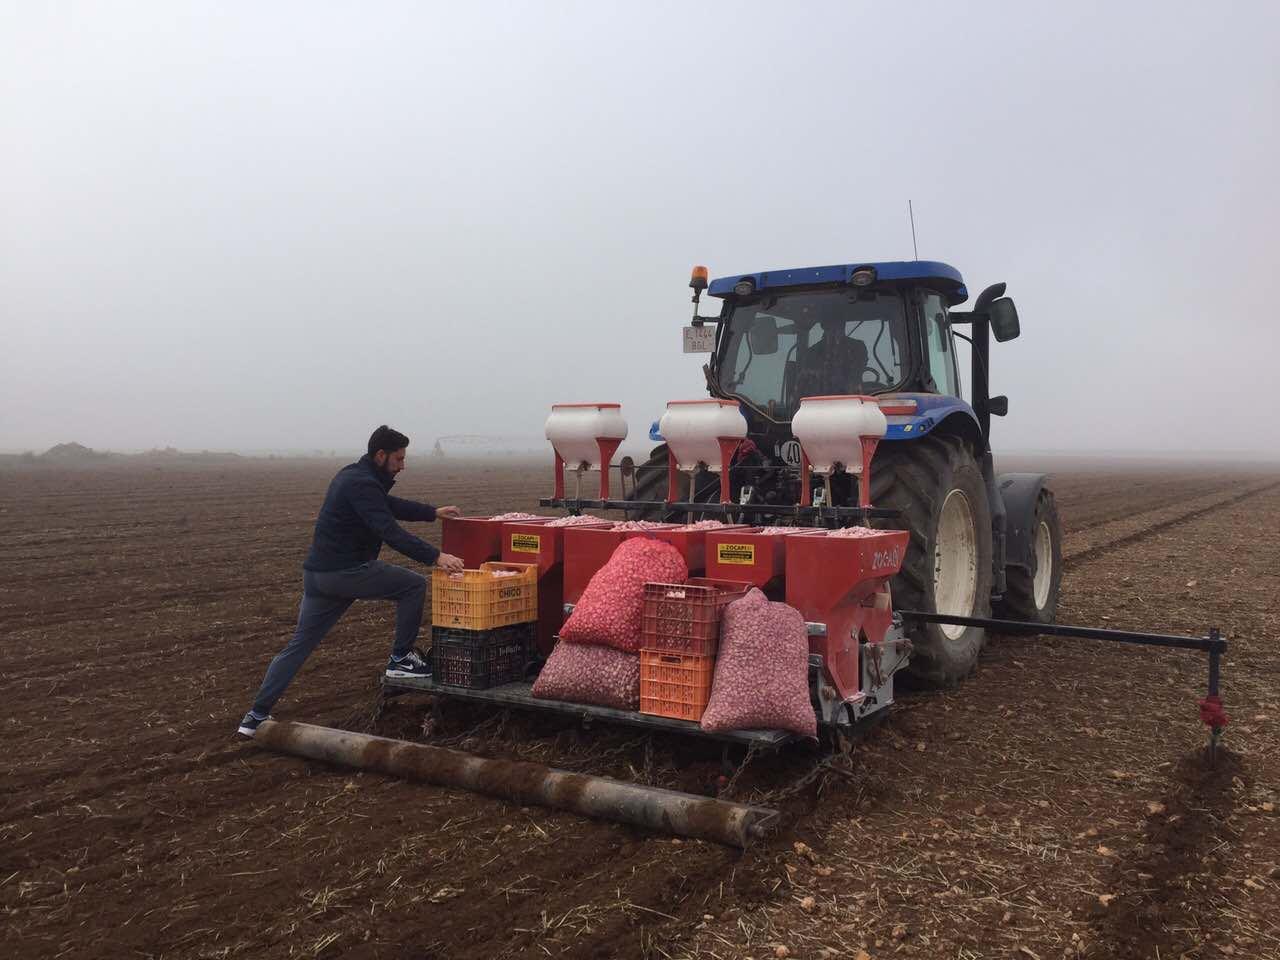 Сажалка для чеснока испанской фирмы Zocapi, идет посадка чеснока